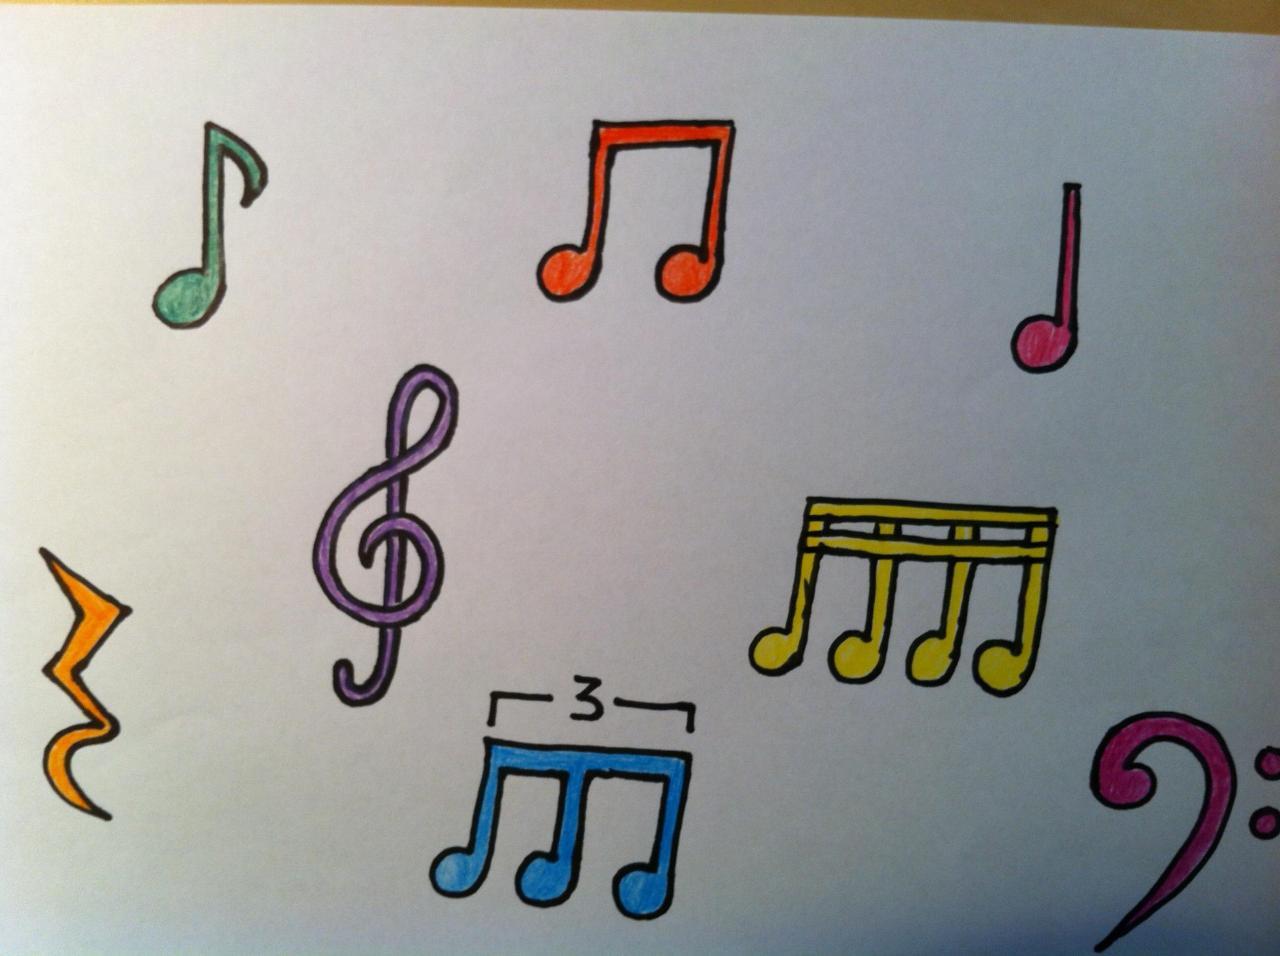 Notas musicales de colores, dibujos de Notas Musicales, como dibujar Notas Musicales paso a paso